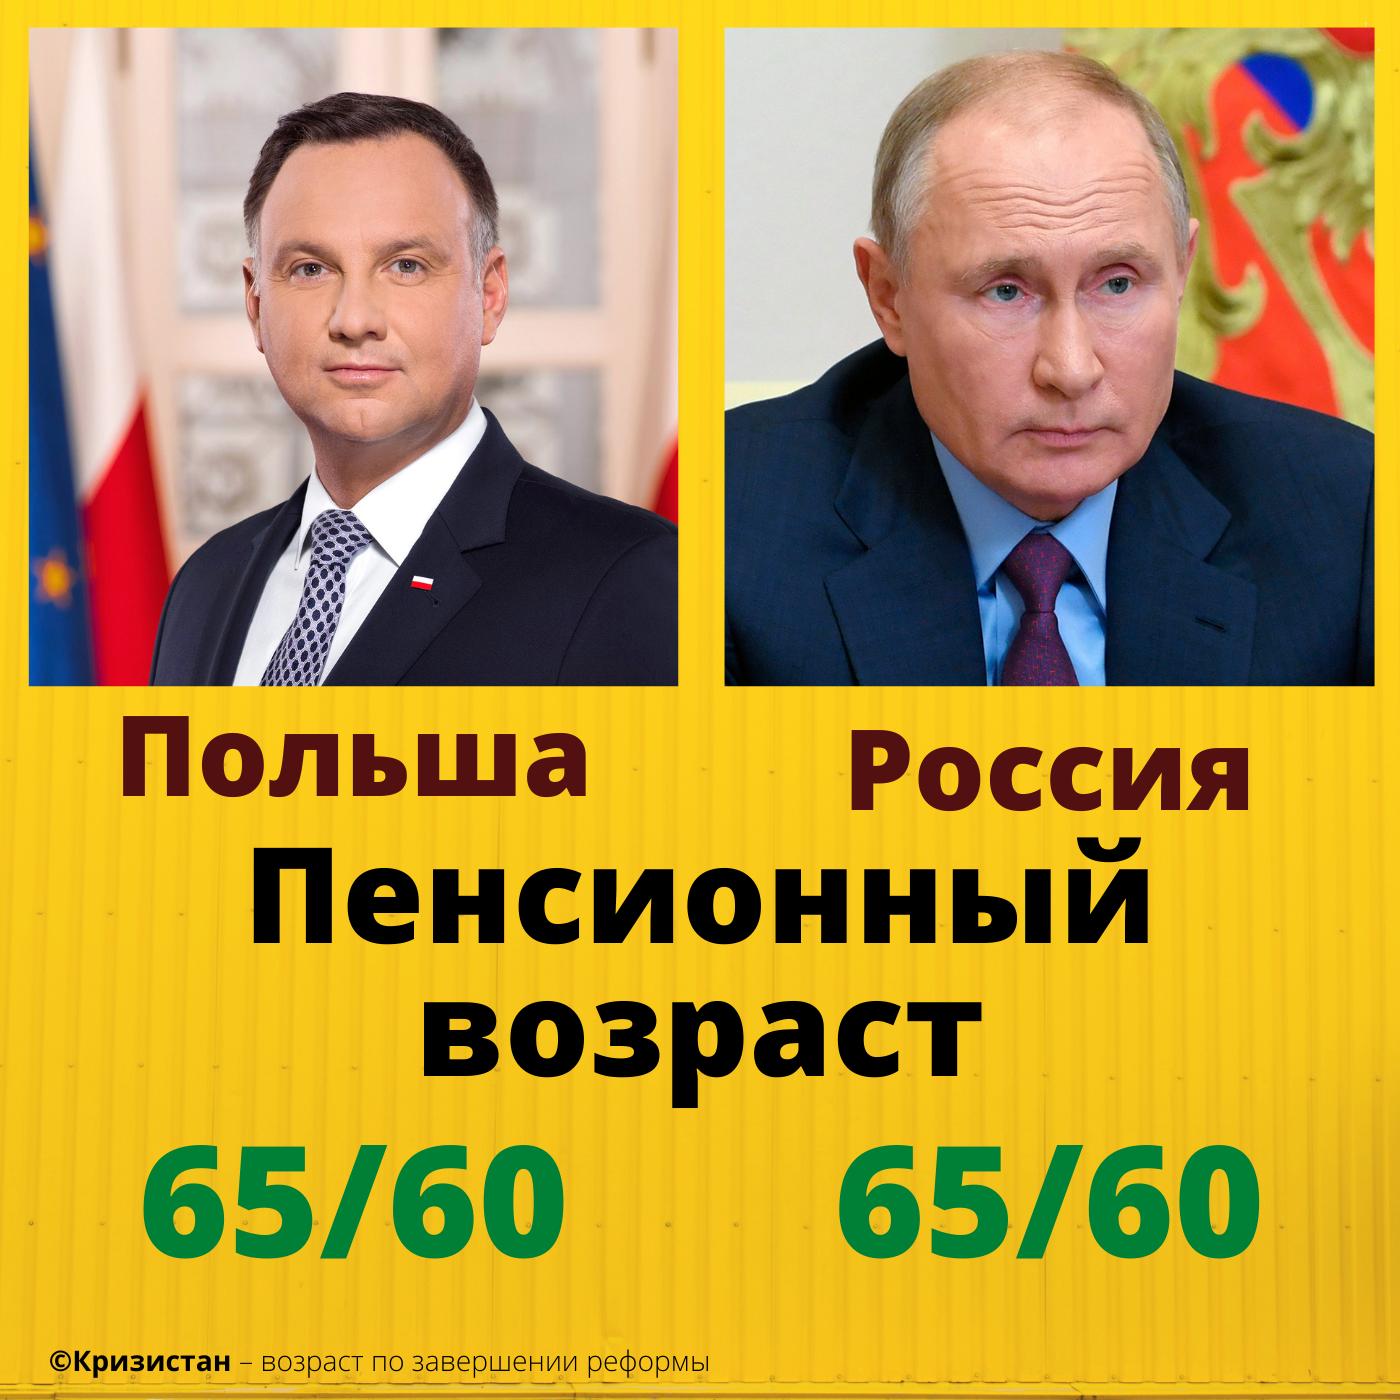 Пенсионный возраст в России и в Польше